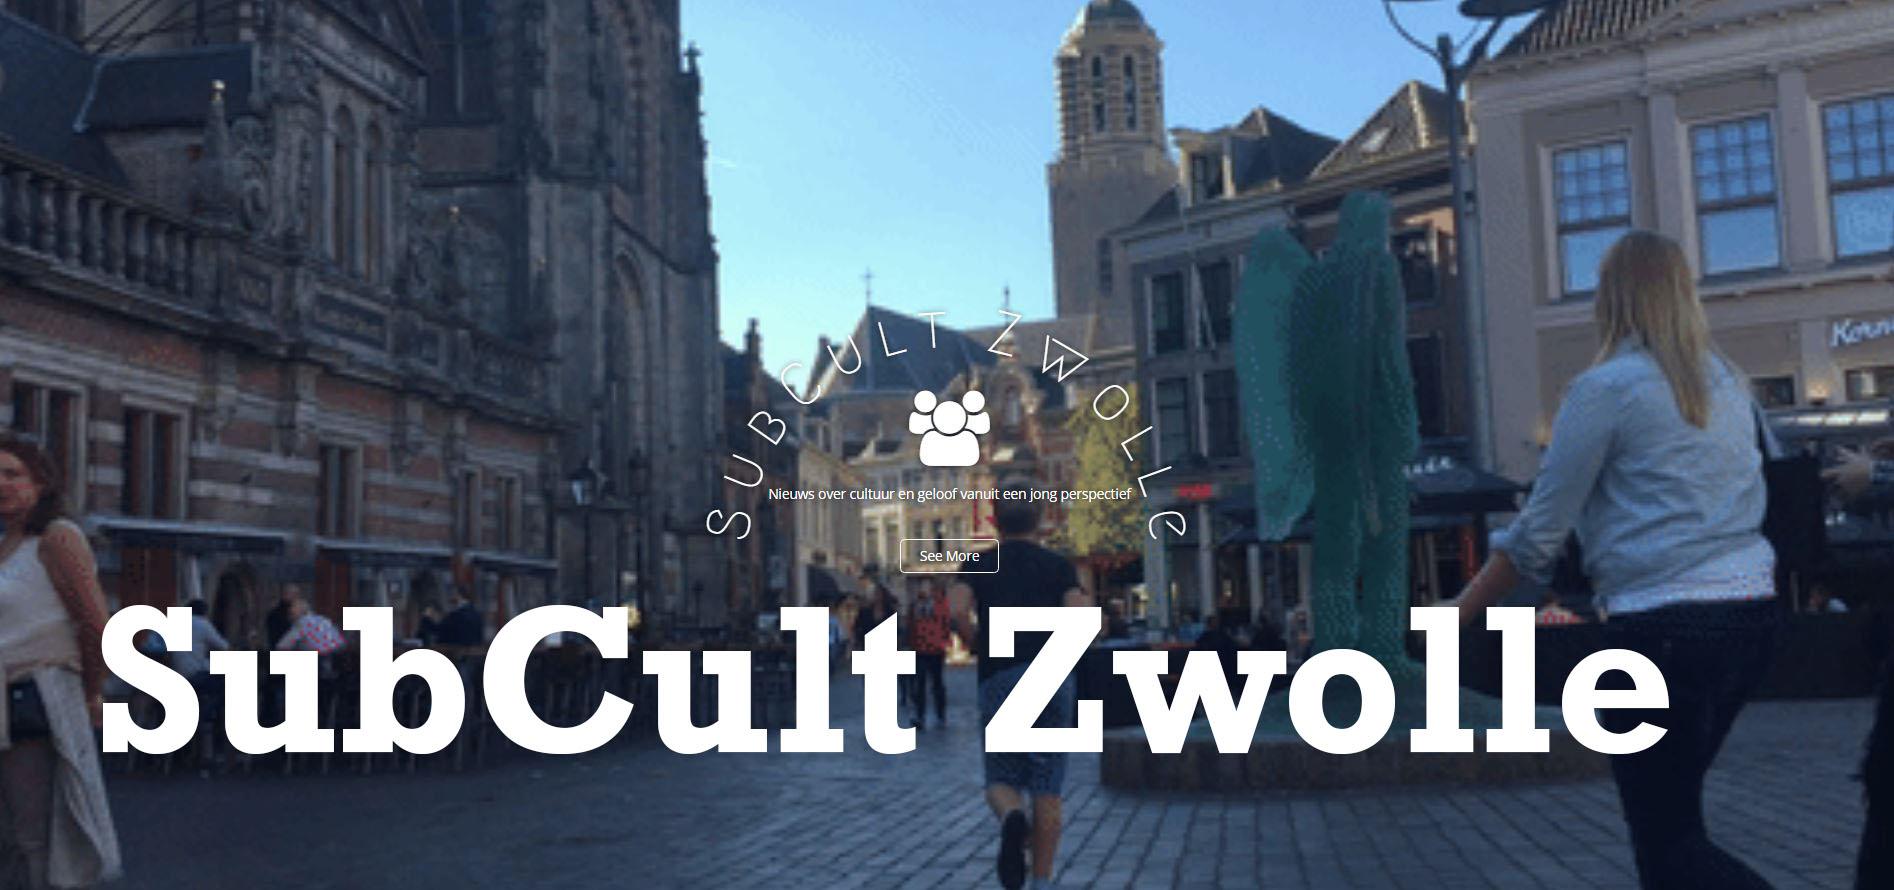 subcult-zwolle-nieuw1